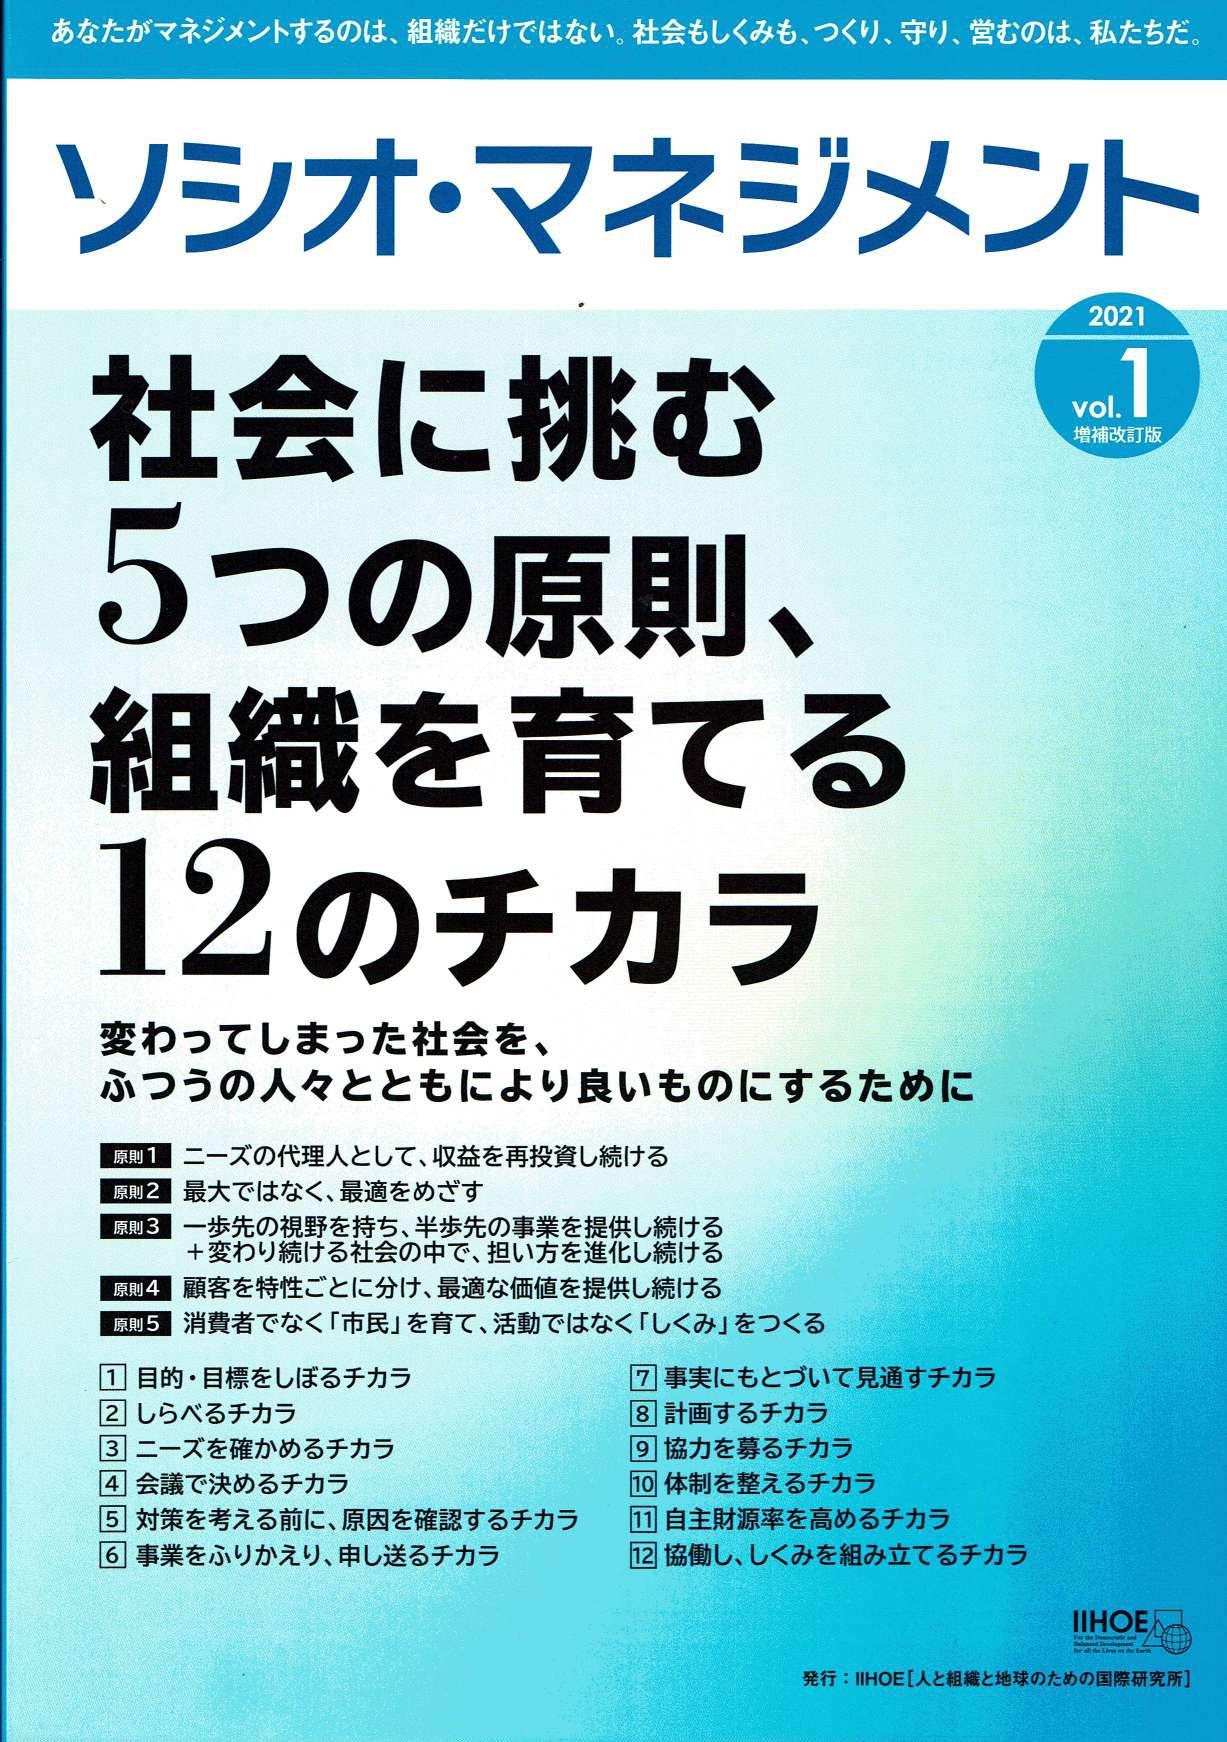 ソシオ・マネジメント2021vol.1『社会を本気にするために、「薄書」でいいから「白書」を出そう!』